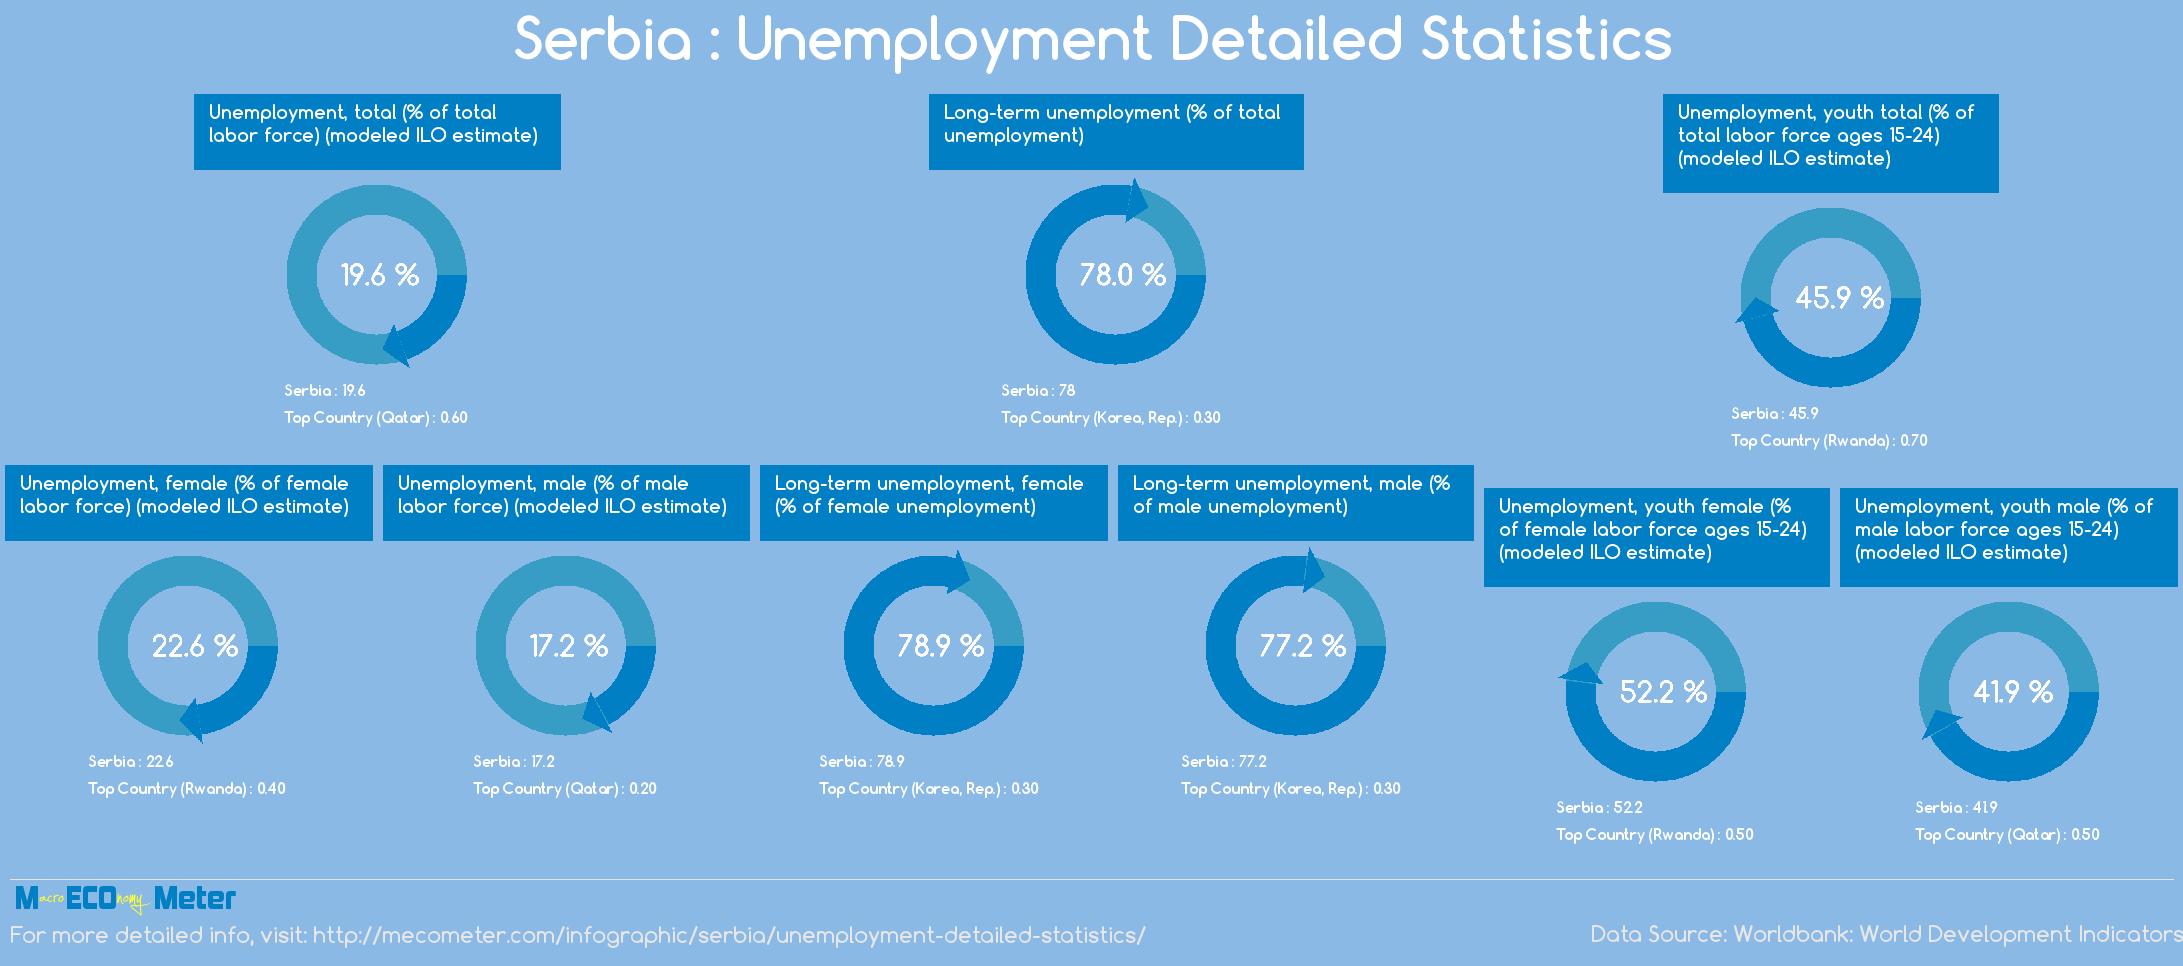 Serbia : Unemployment Detailed Statistics